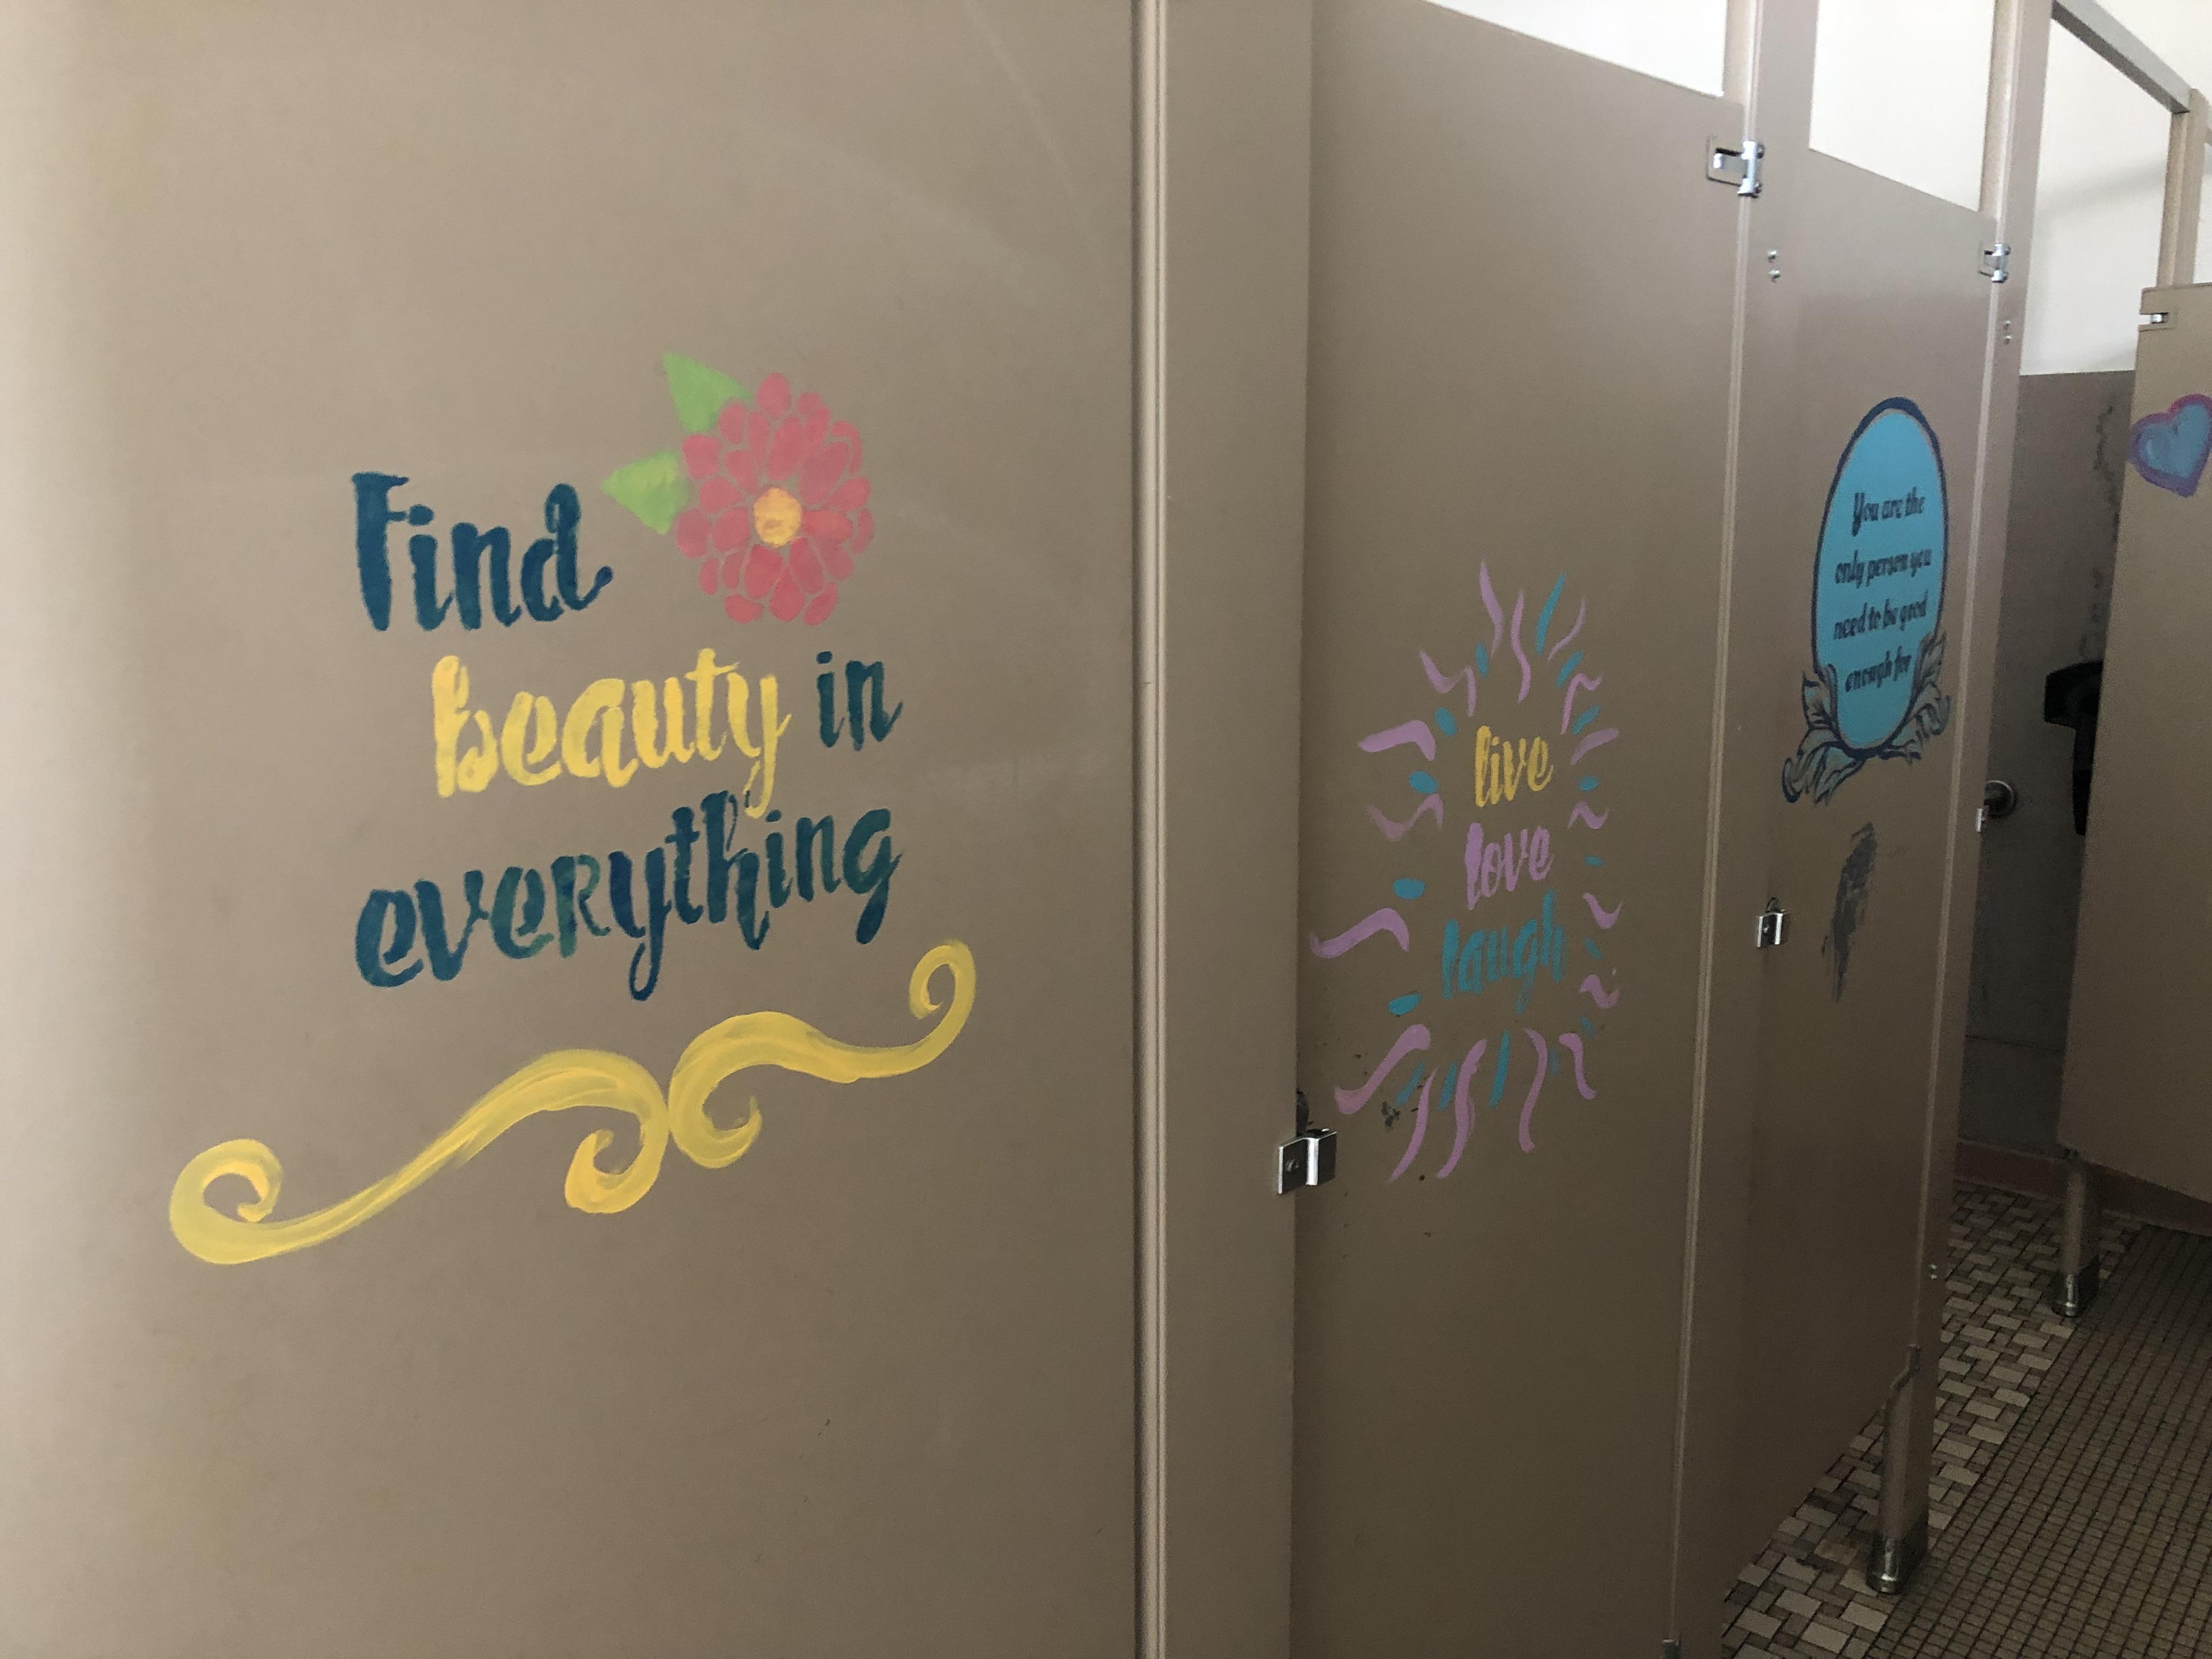 Marietta bathroom stalls